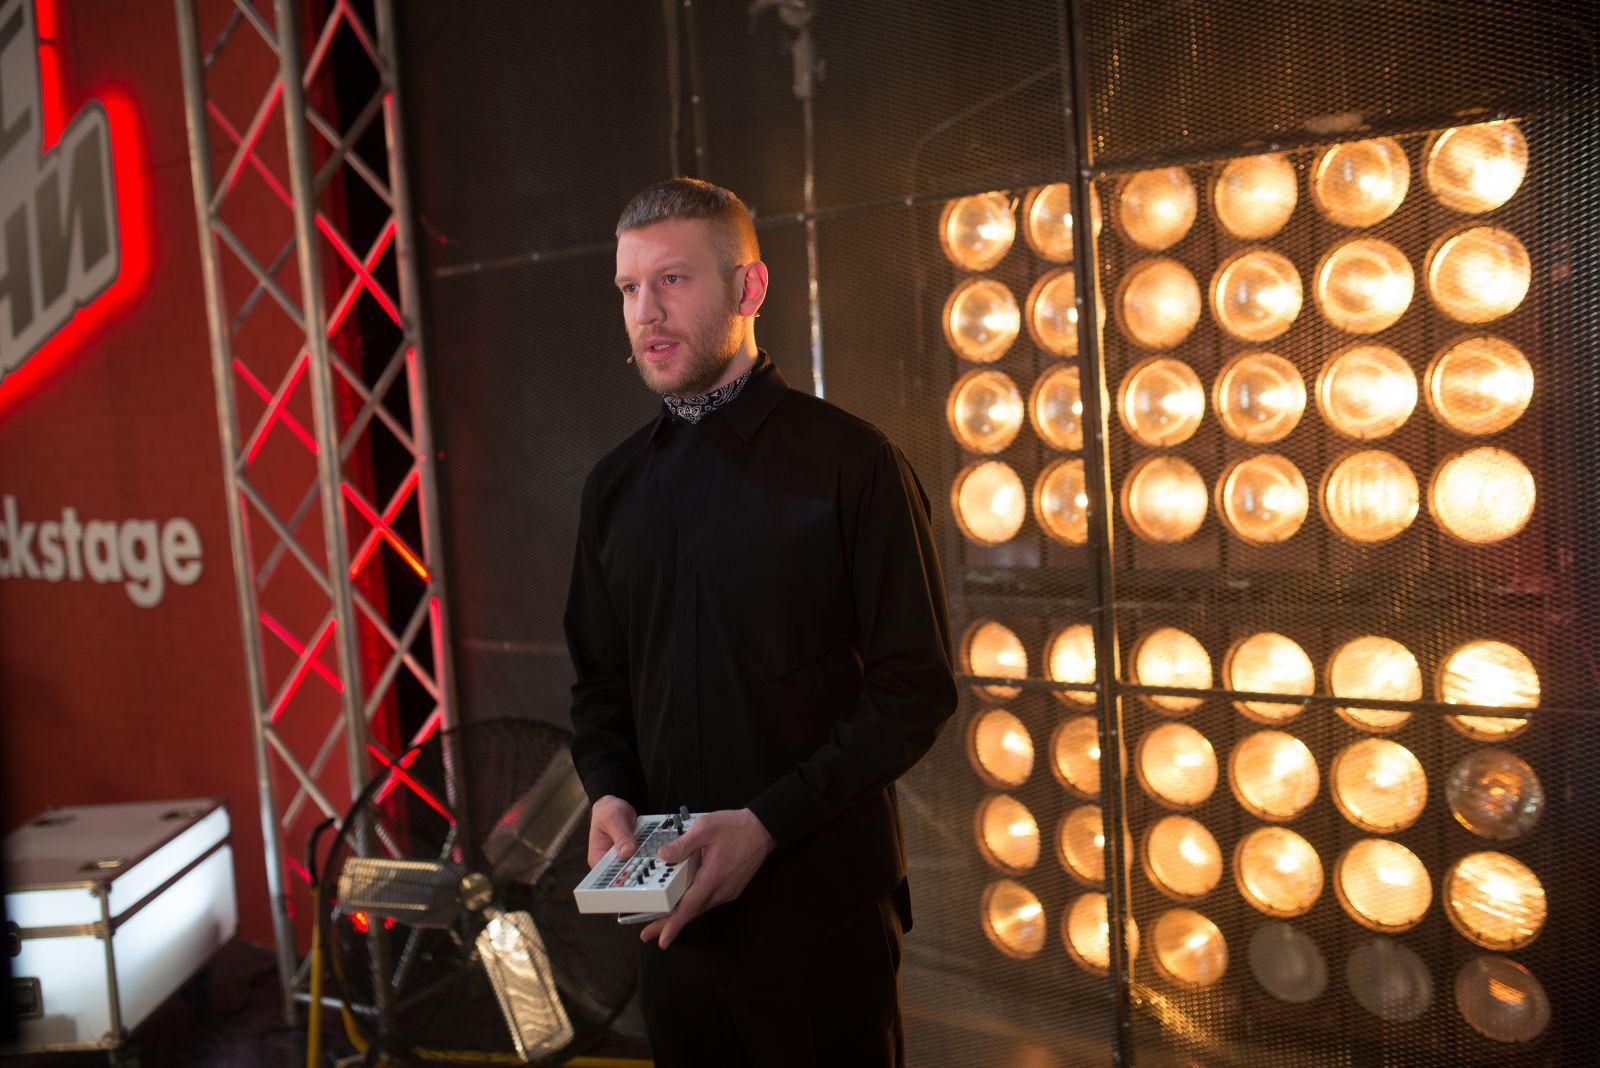 Тренер шоу Голос країни-6 Иван Дорн показал, как пишет свои песни